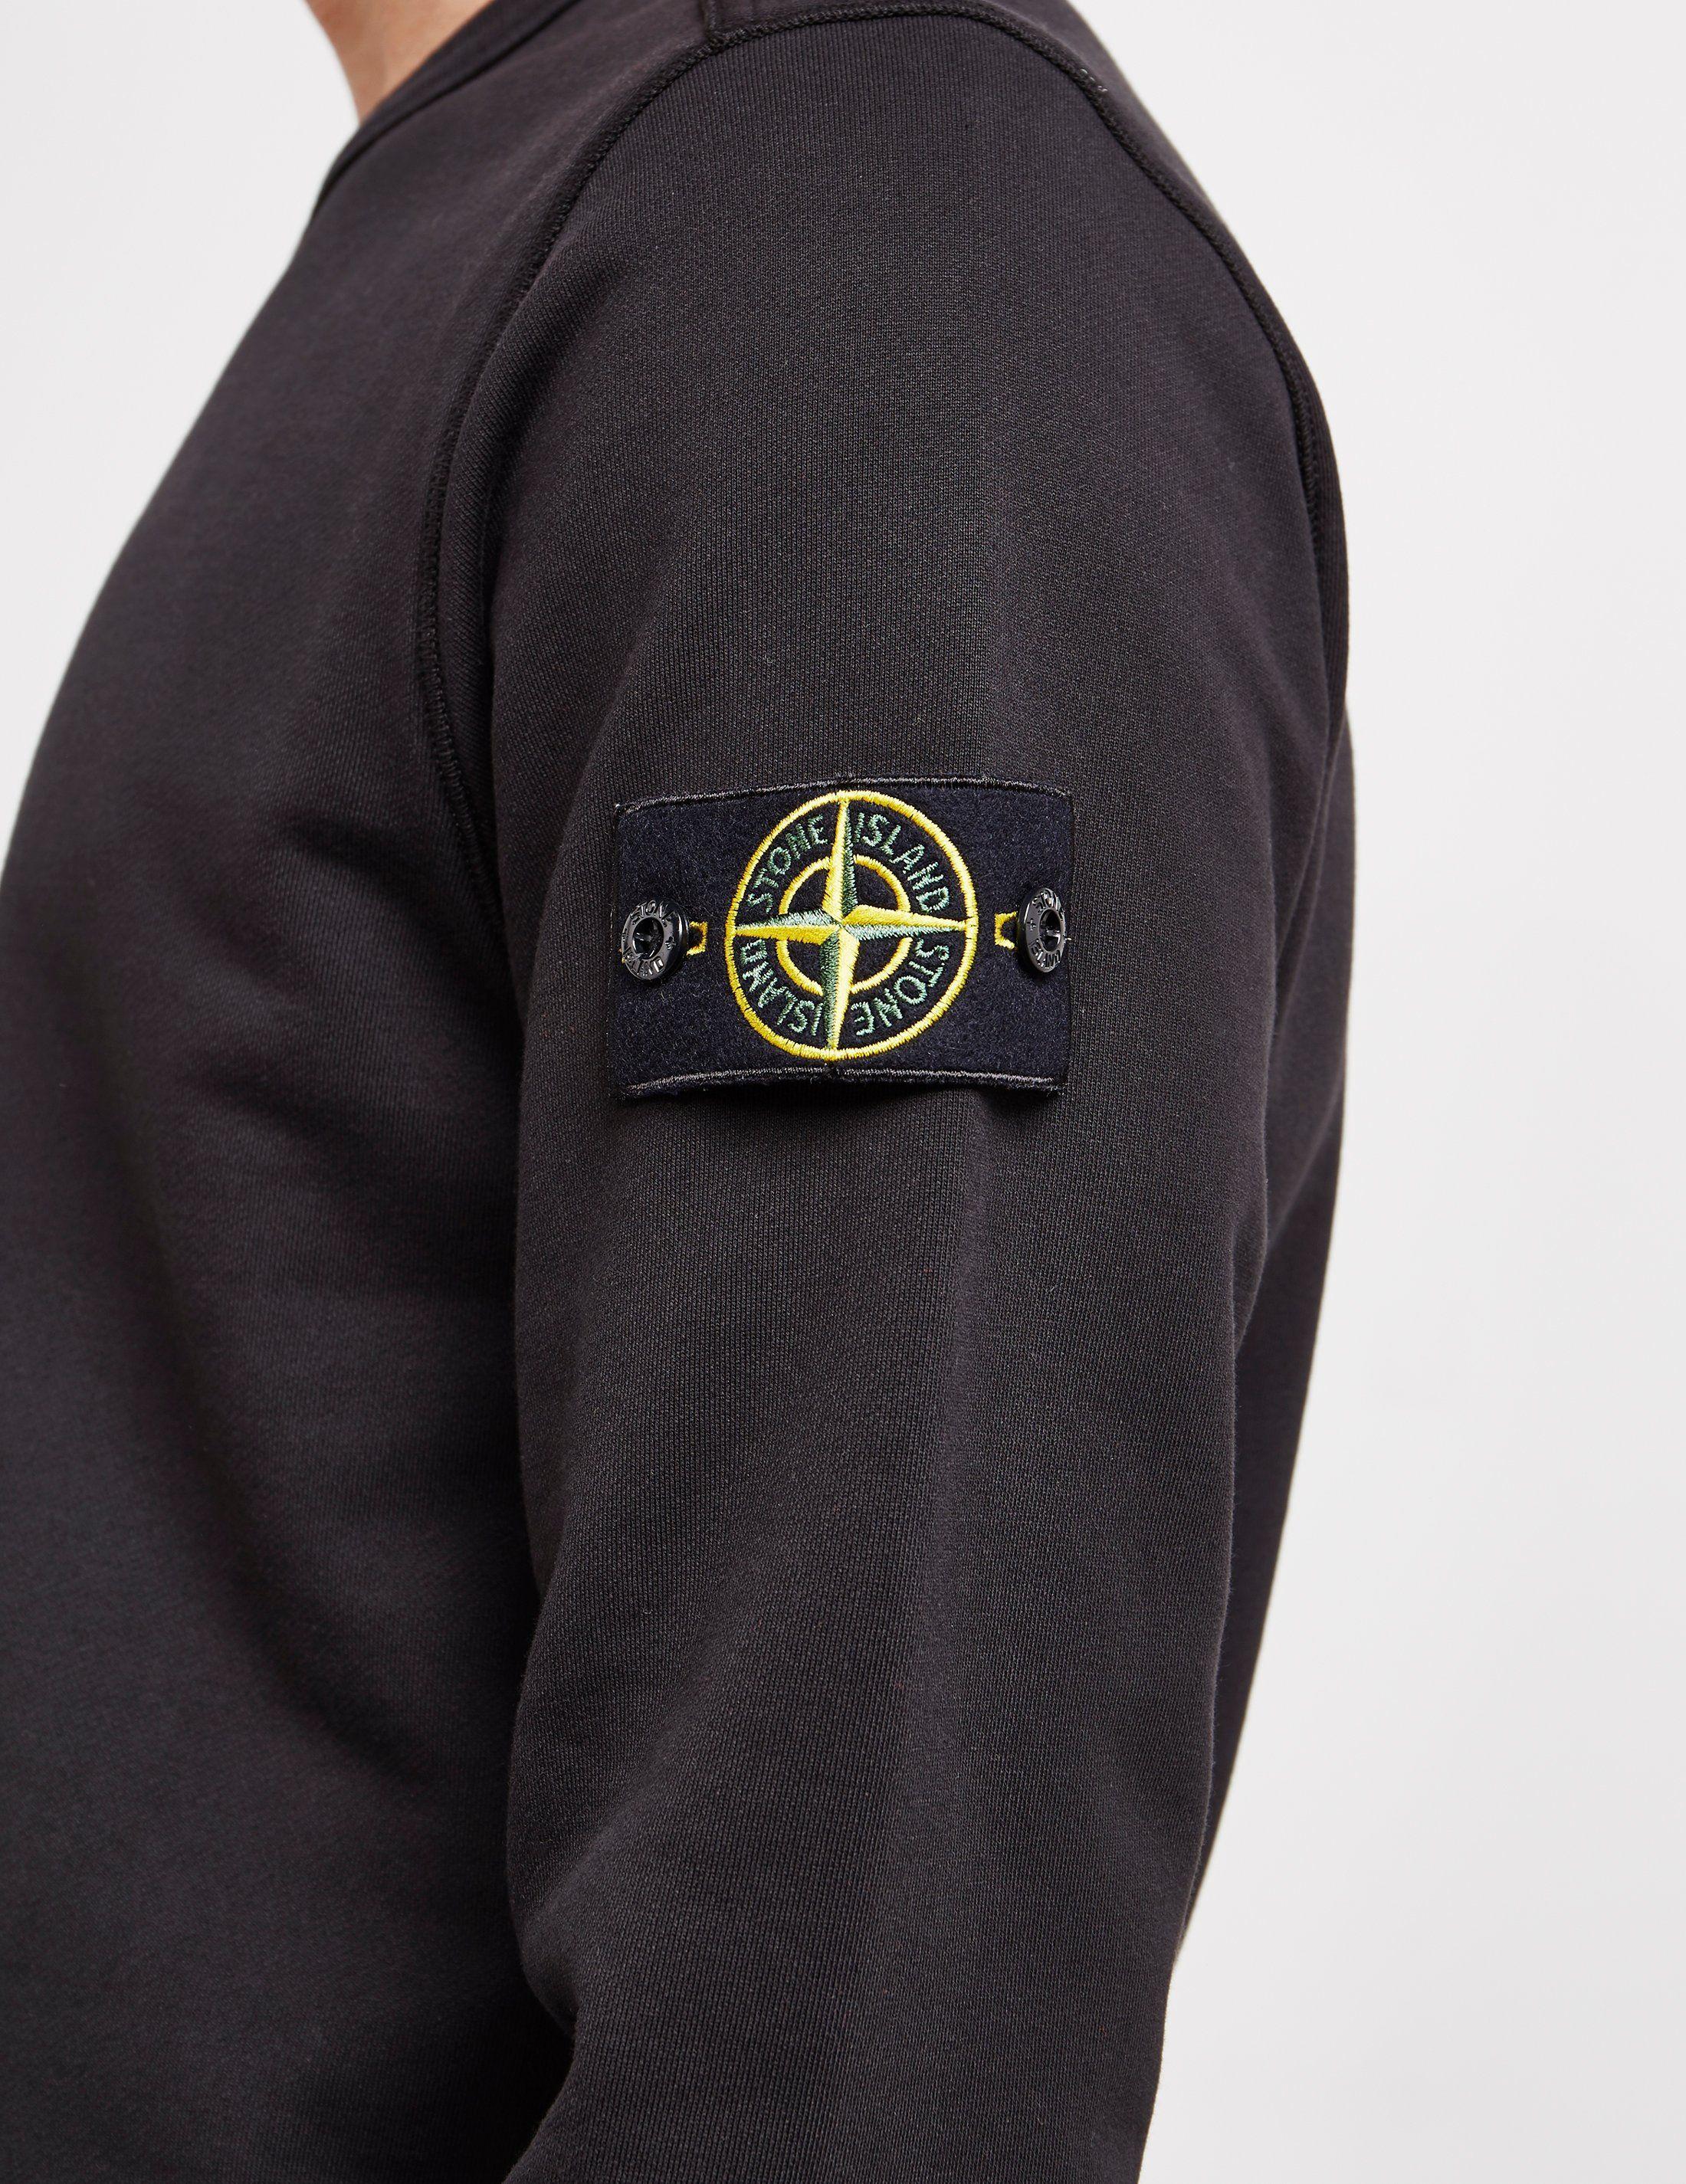 Stone Island Badge Sweatshirt